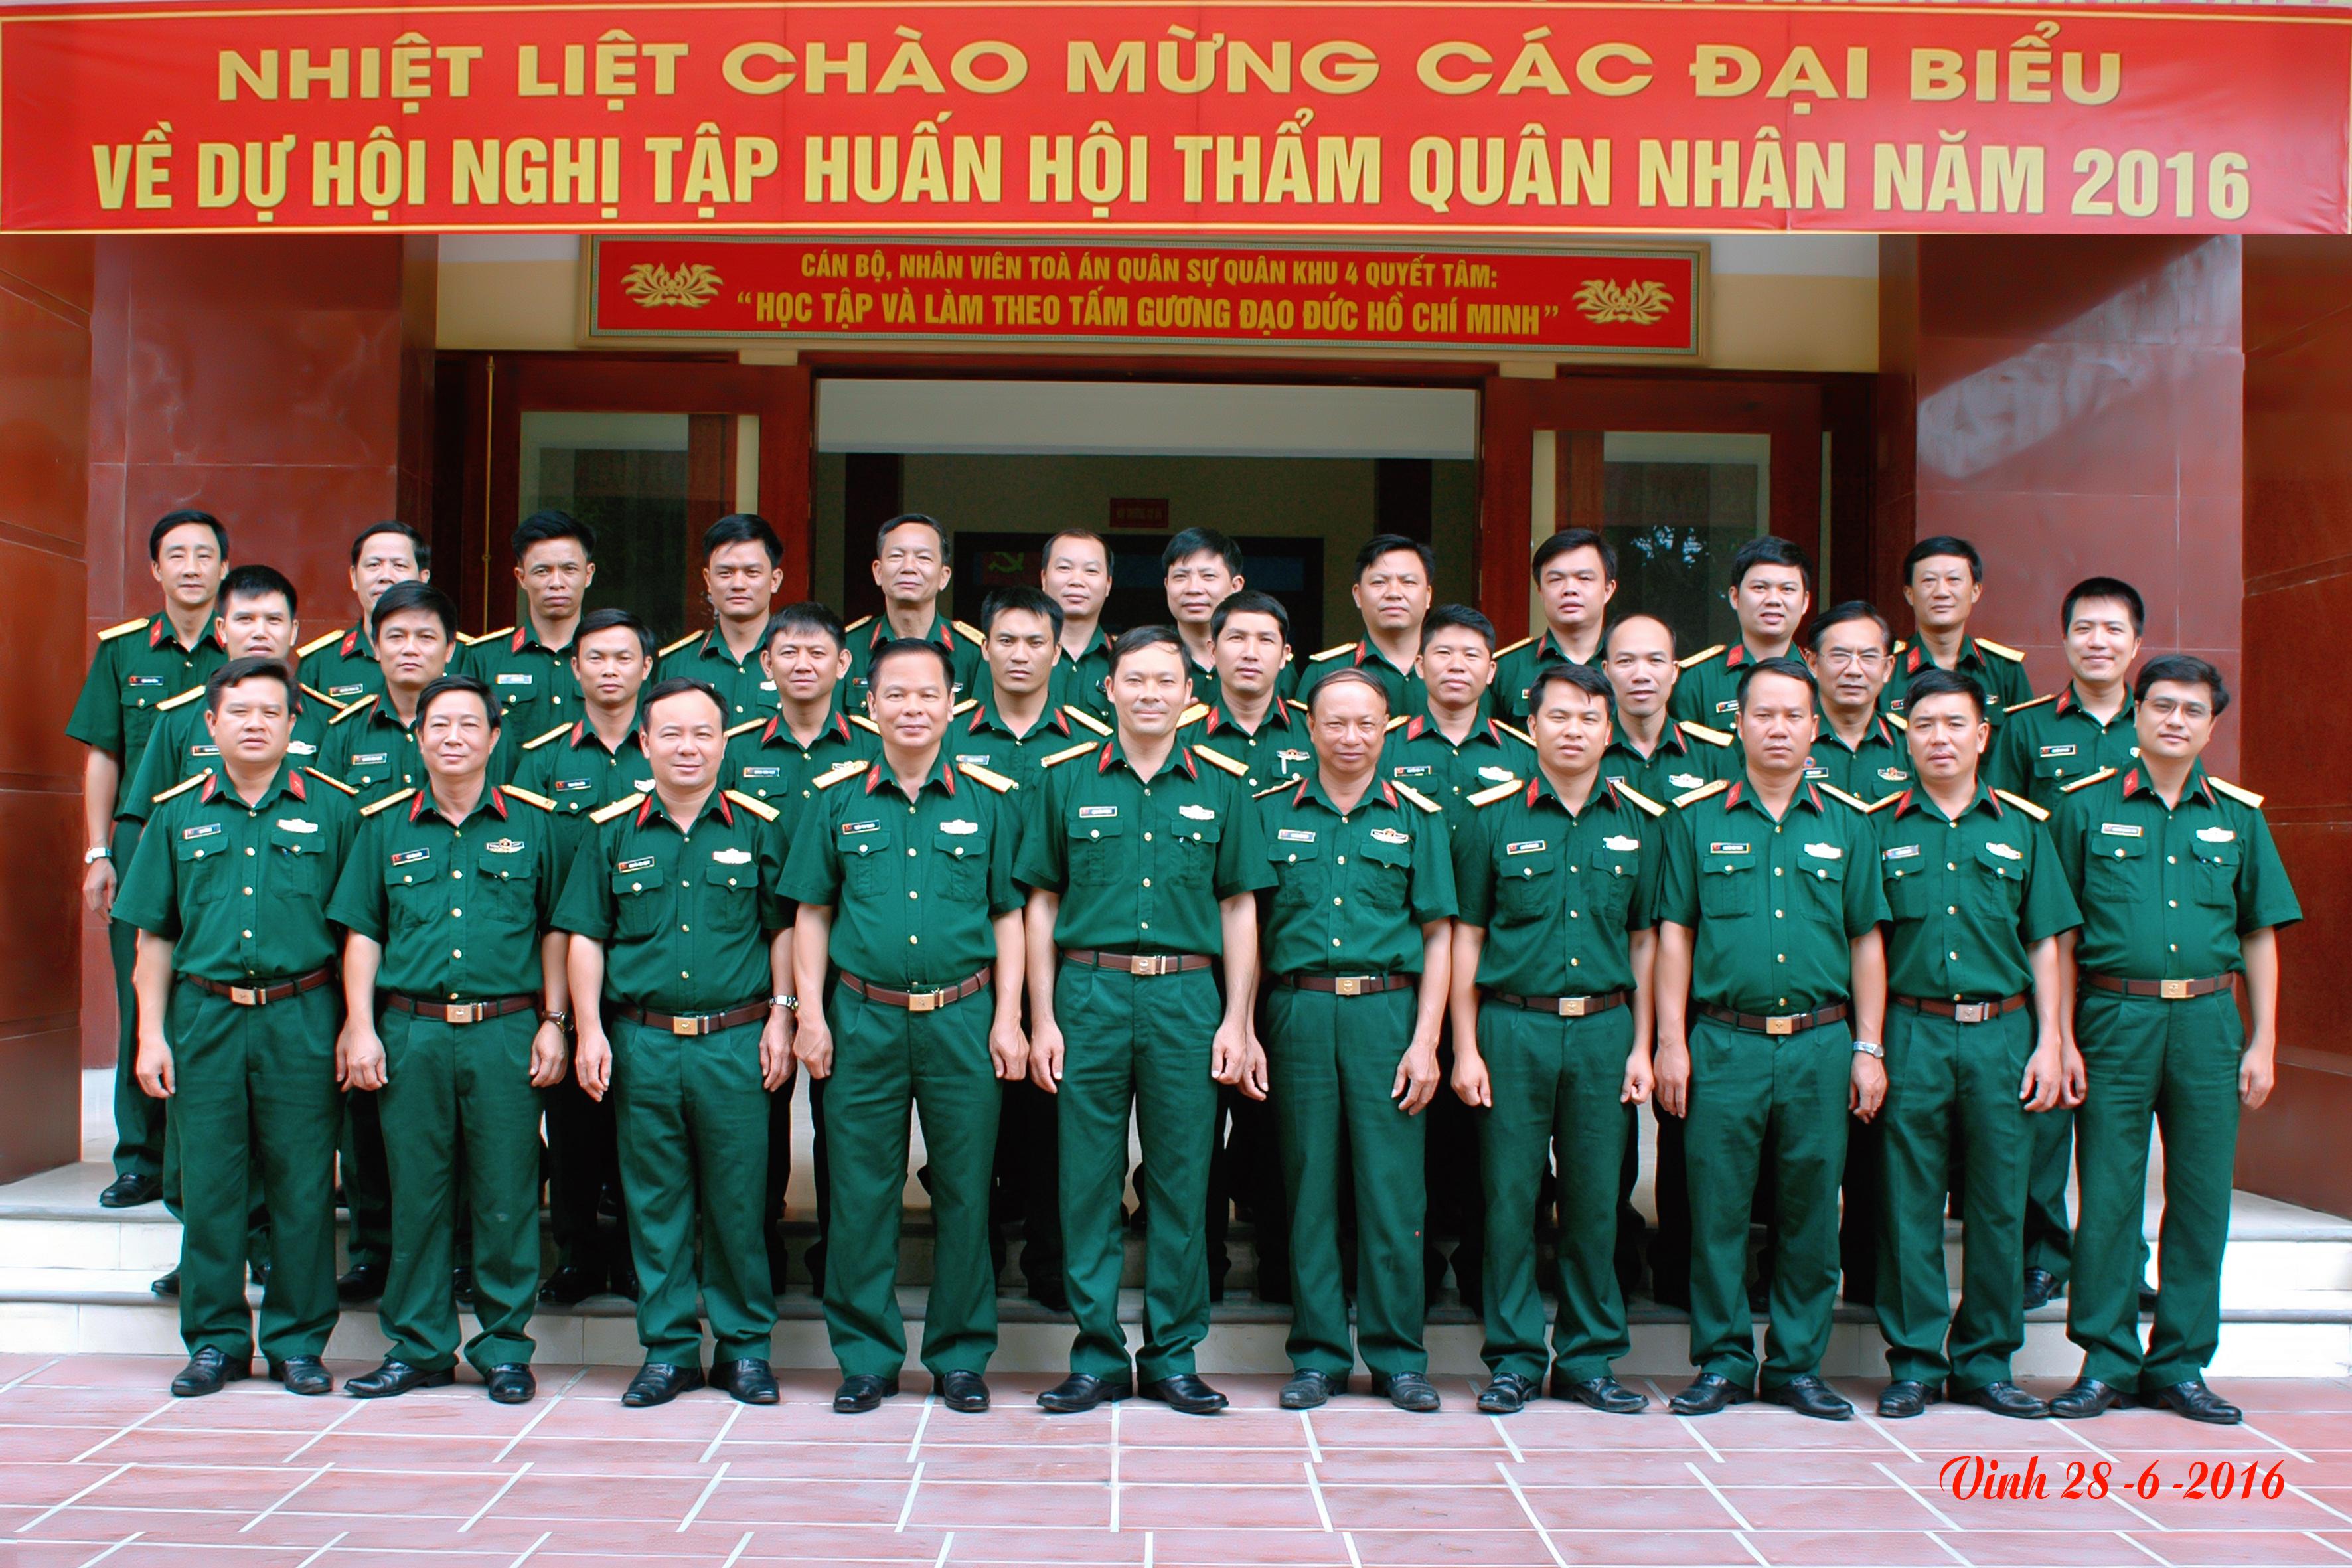 Tổ chức Đoàn Hội thẩm quân nhân được quy định như thế nào?